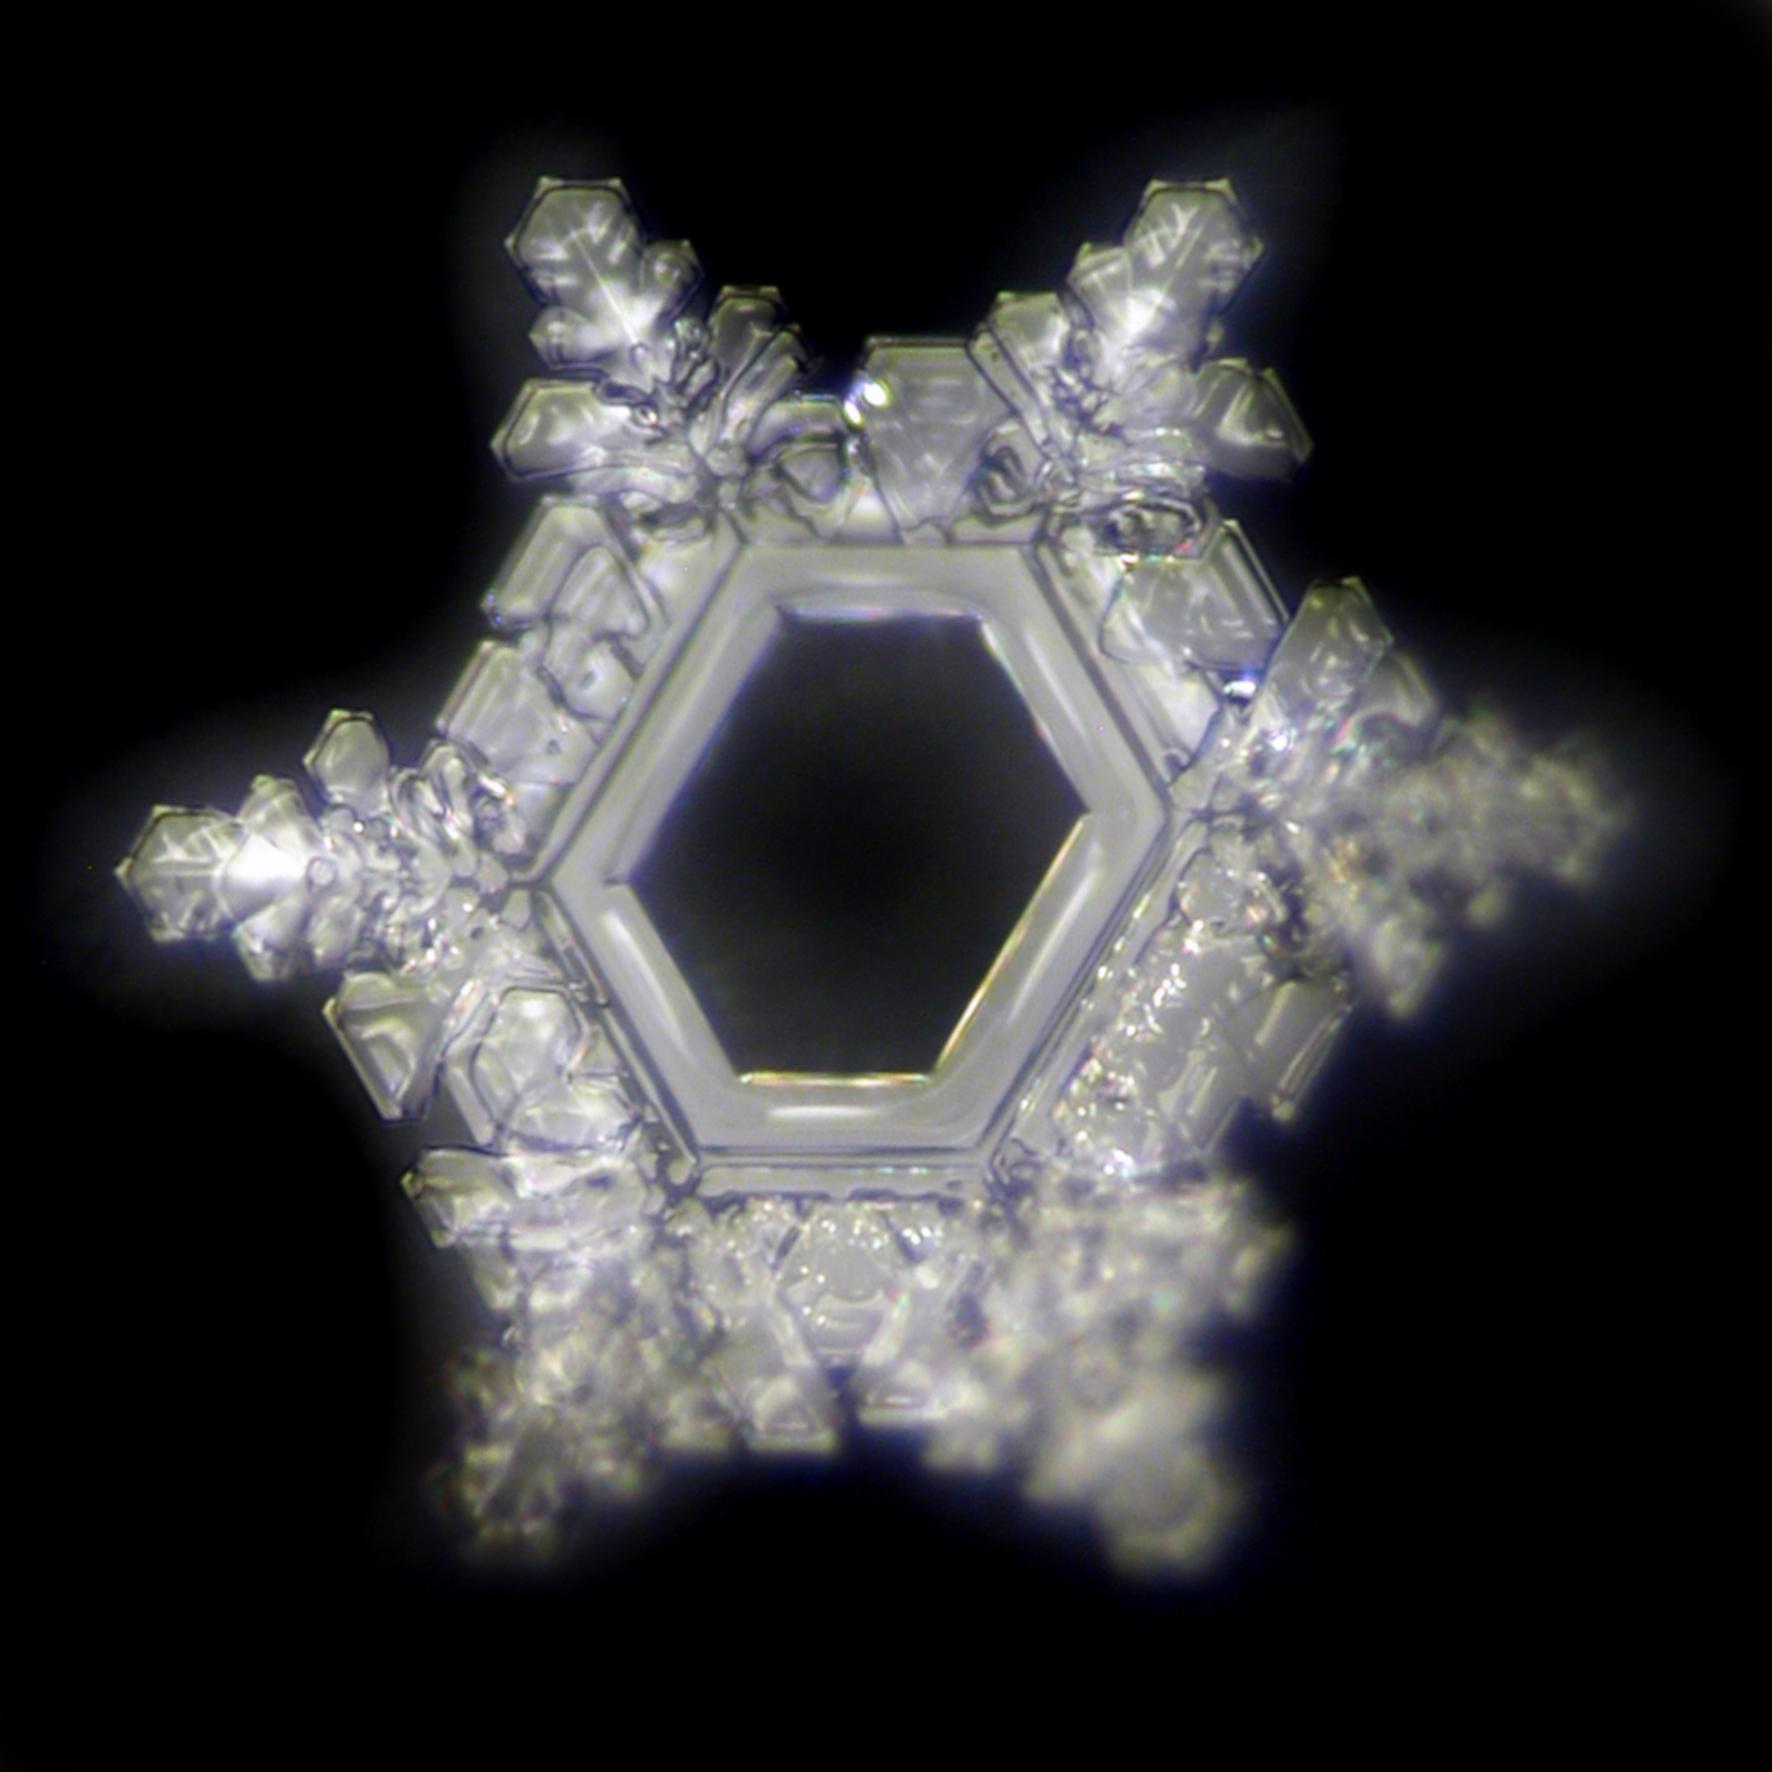 Wasserkristallbild nach Exposition auf einem Smartphone, das mit einem Swiss Harmony BioPatch harmonisiert wurde.